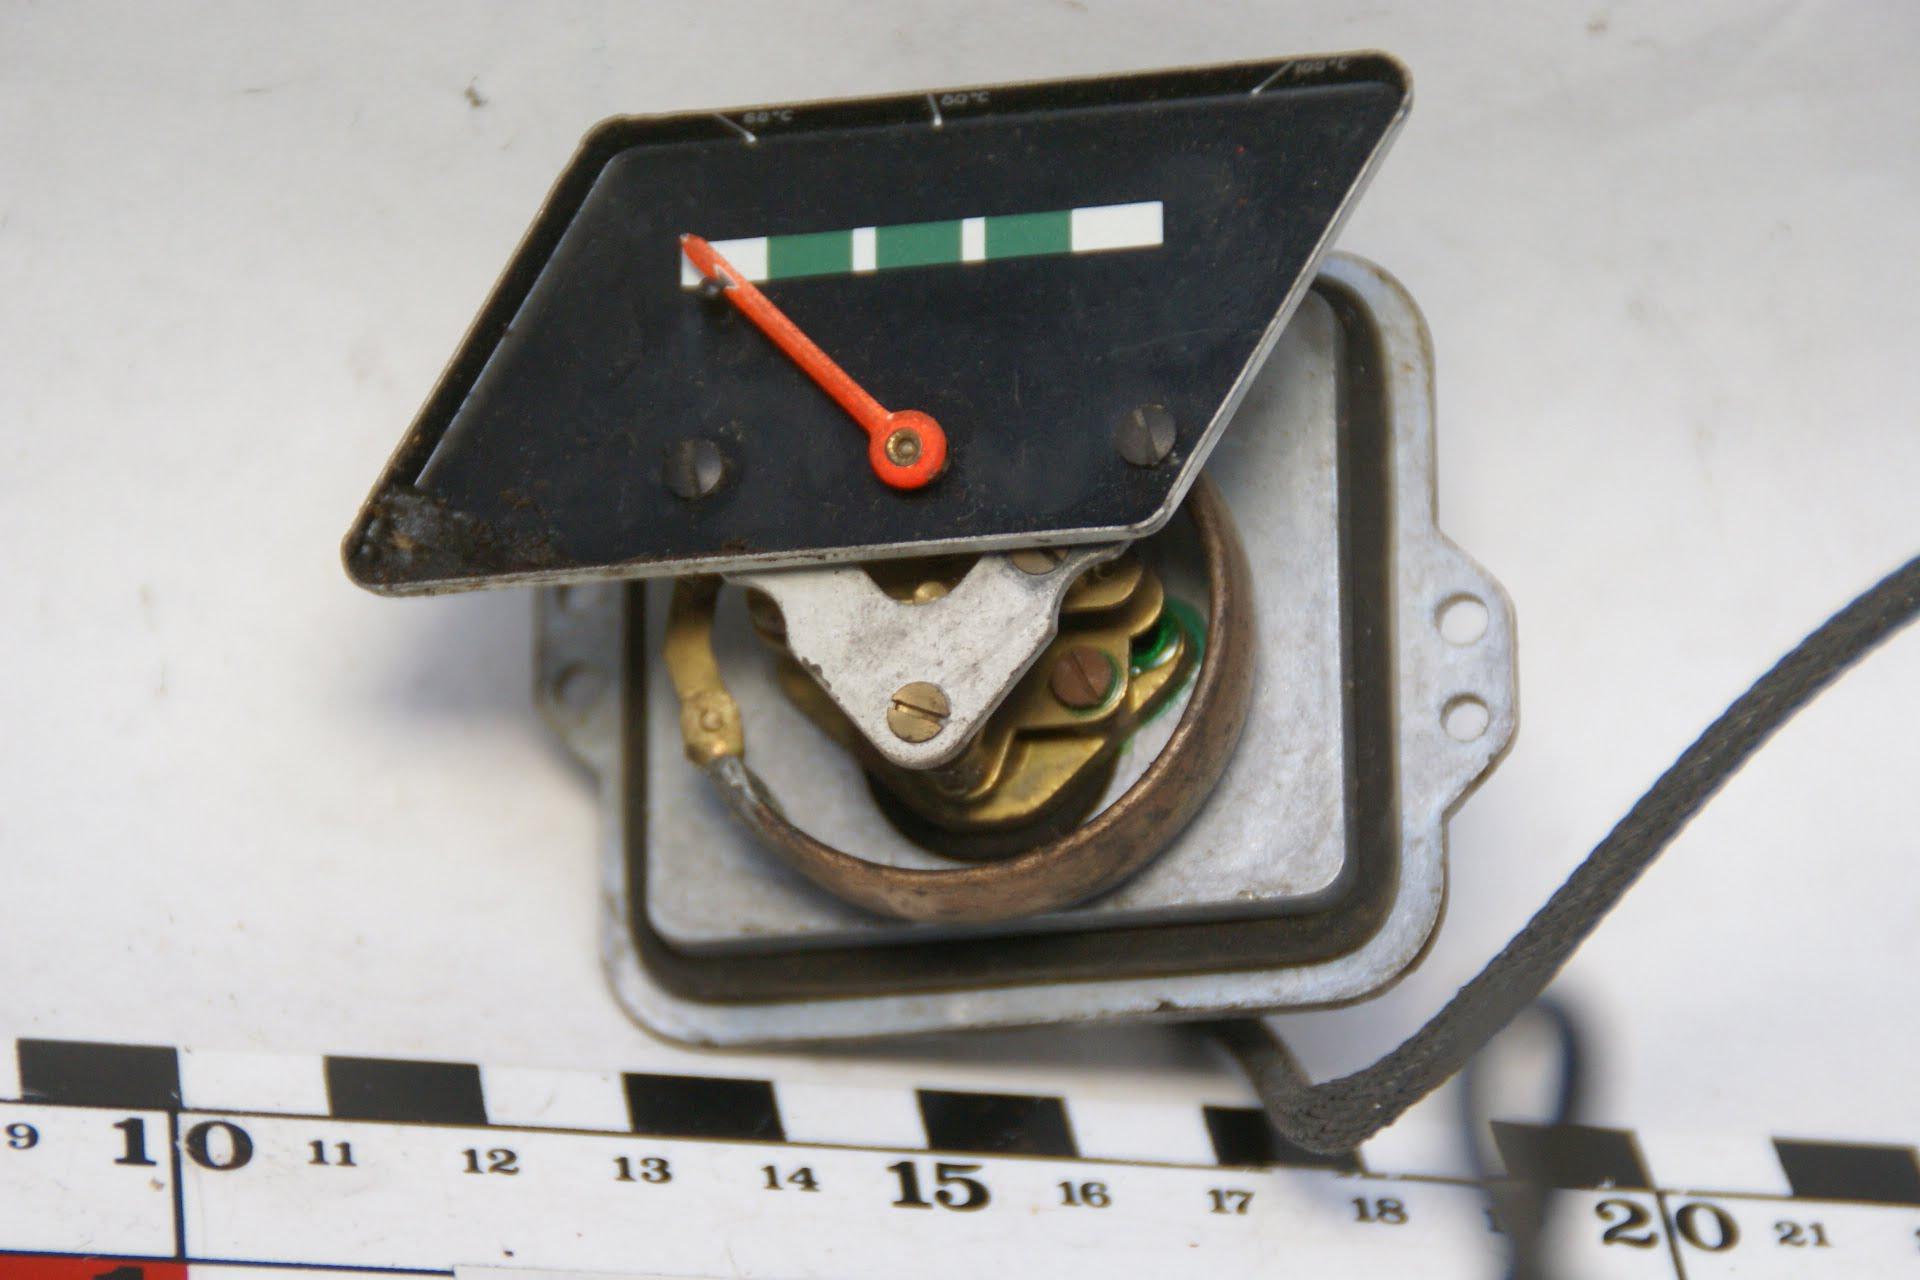 waterthermometer 160224-3328-0